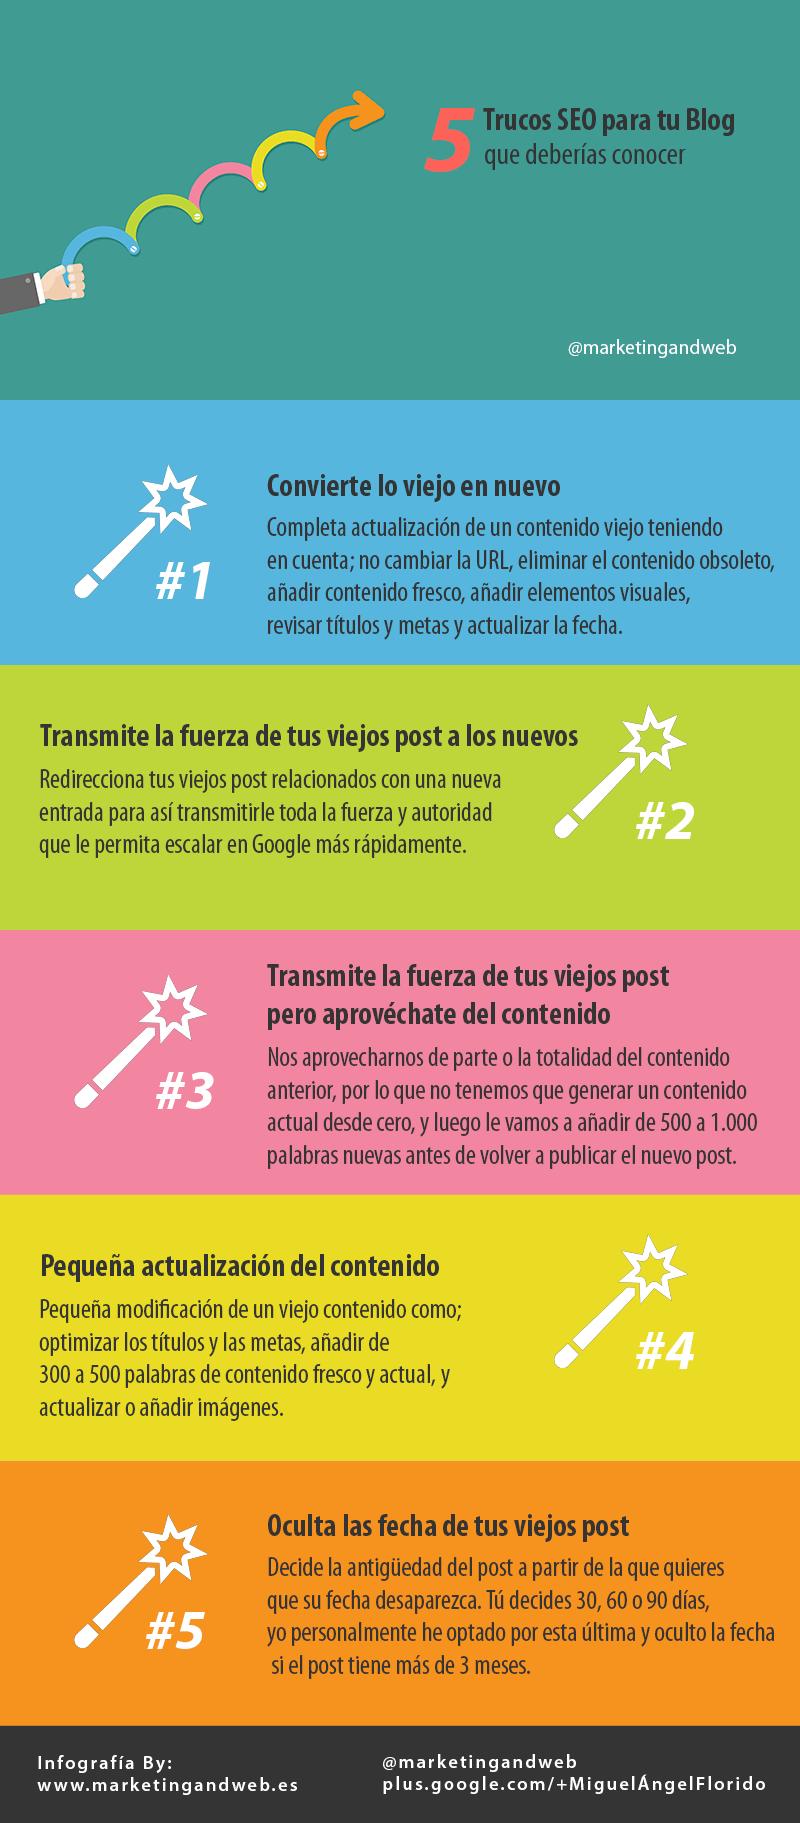 trucos seo blog infografía